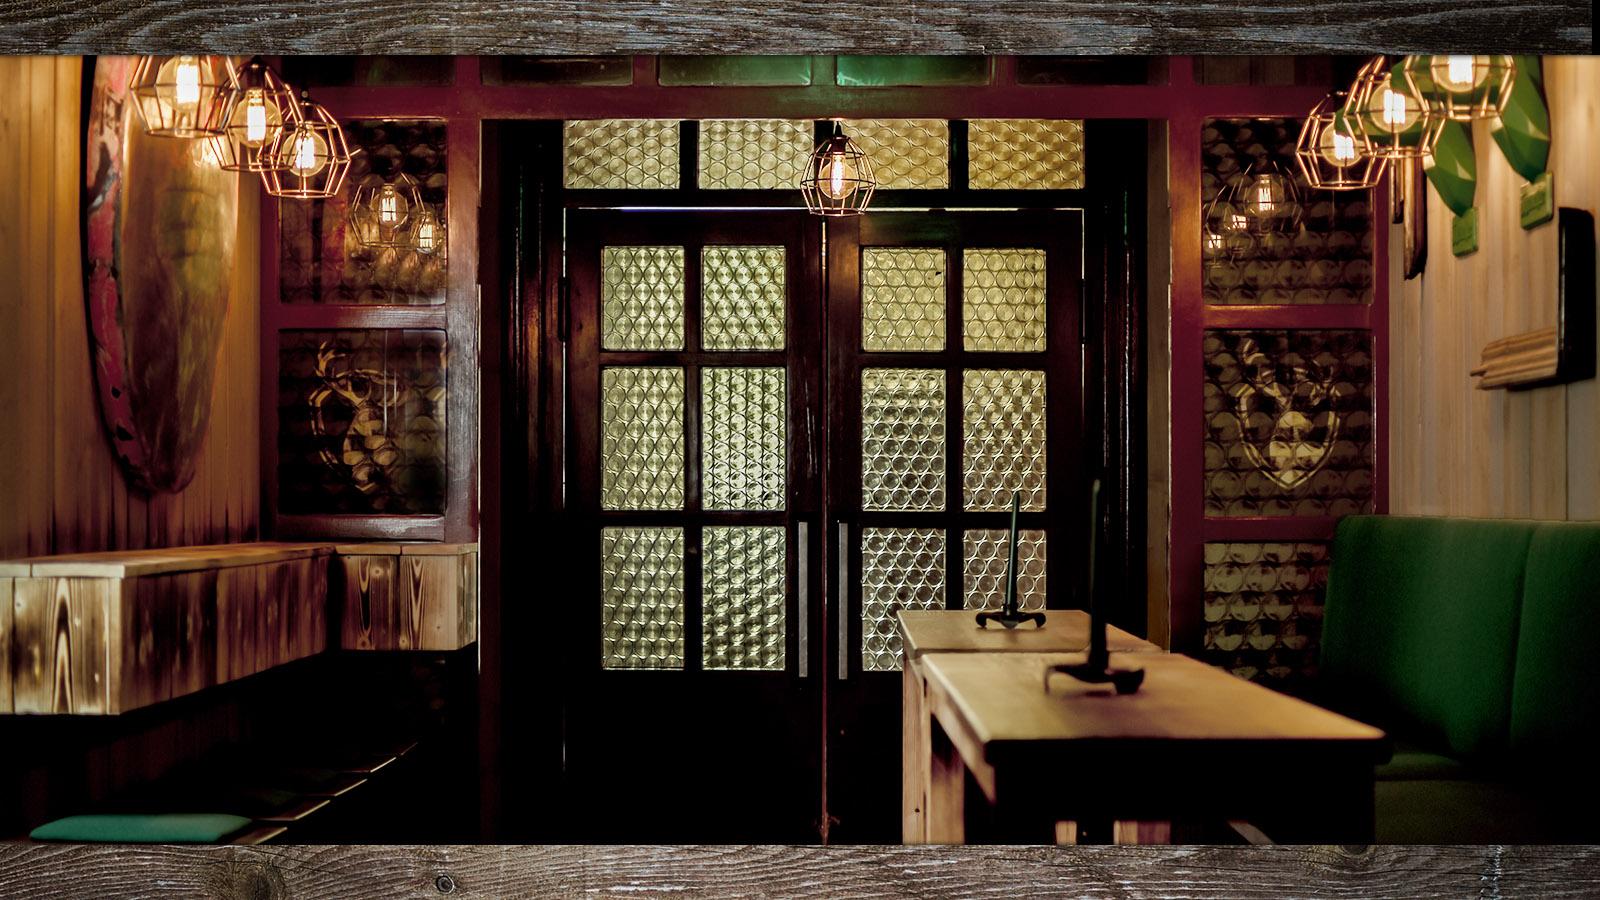 jaeger-und-lustig-berlin-gaststaette-restaurant-bierstube-biergarten-slider-3